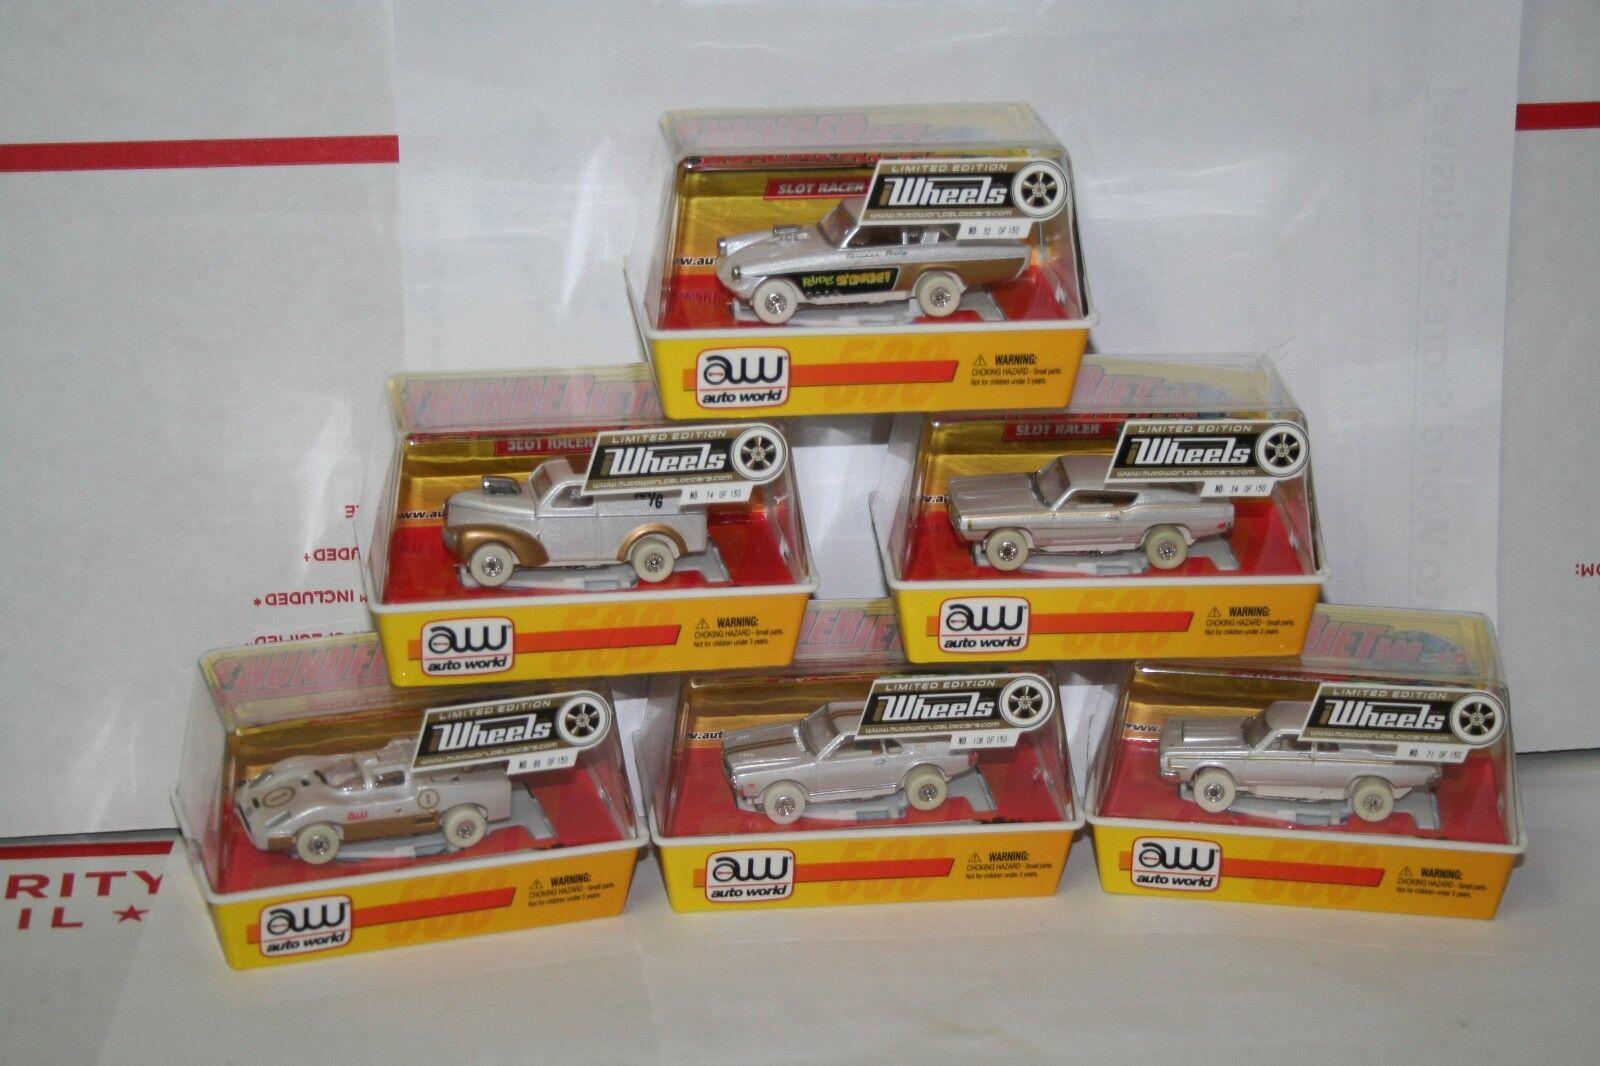 Auto World ho slot cars 53 STUDEBAKER Drôle Voiture Set iwheels 1 de 150 version 2